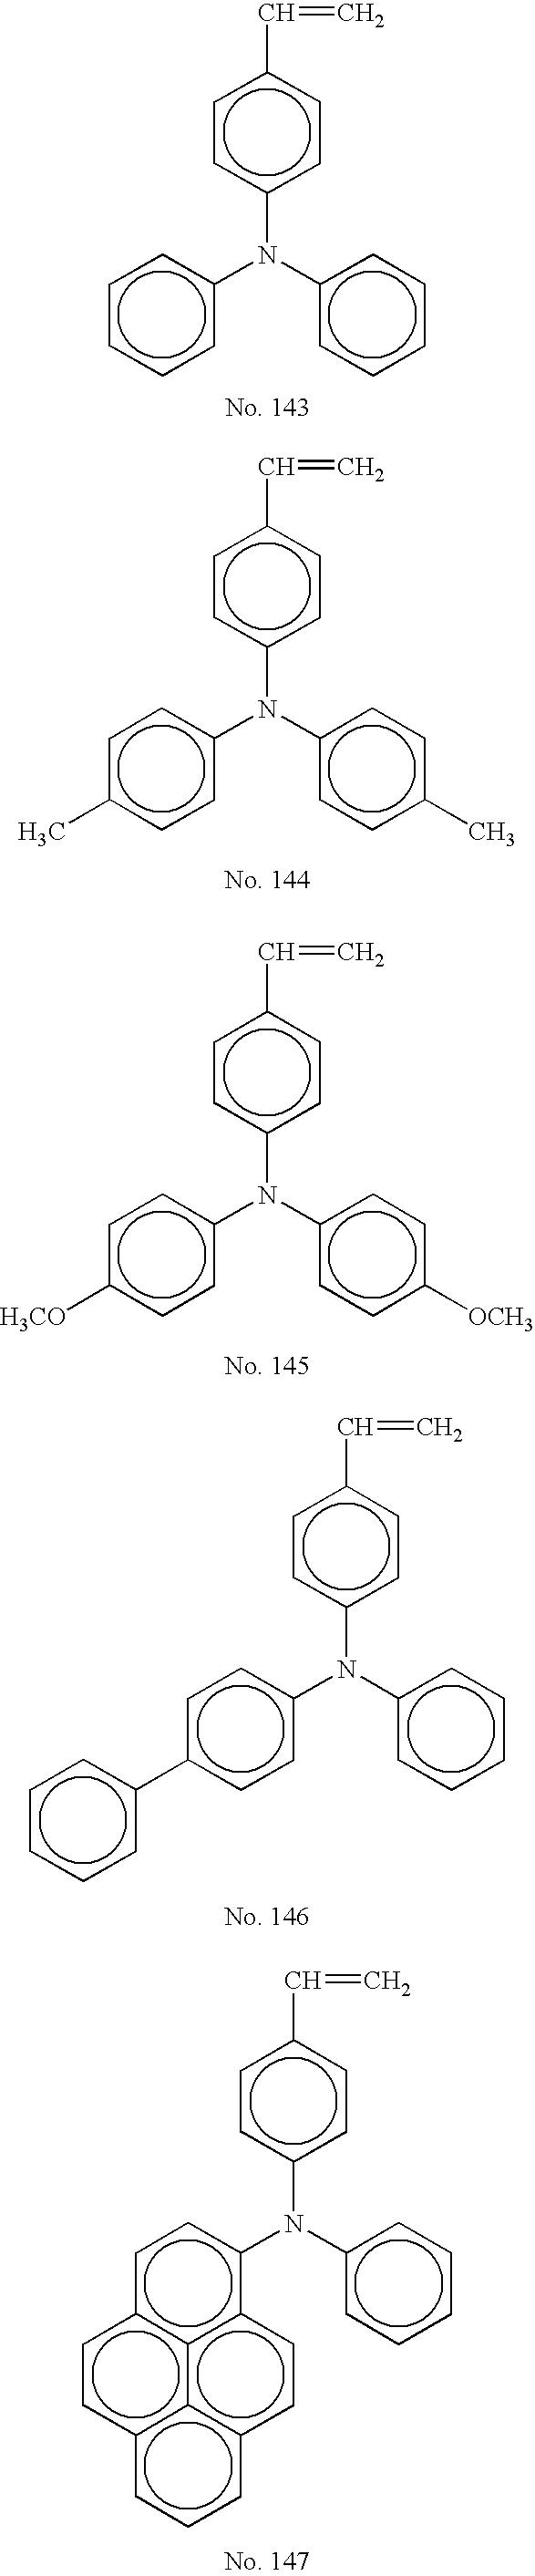 Figure US20070196749A1-20070823-C00050